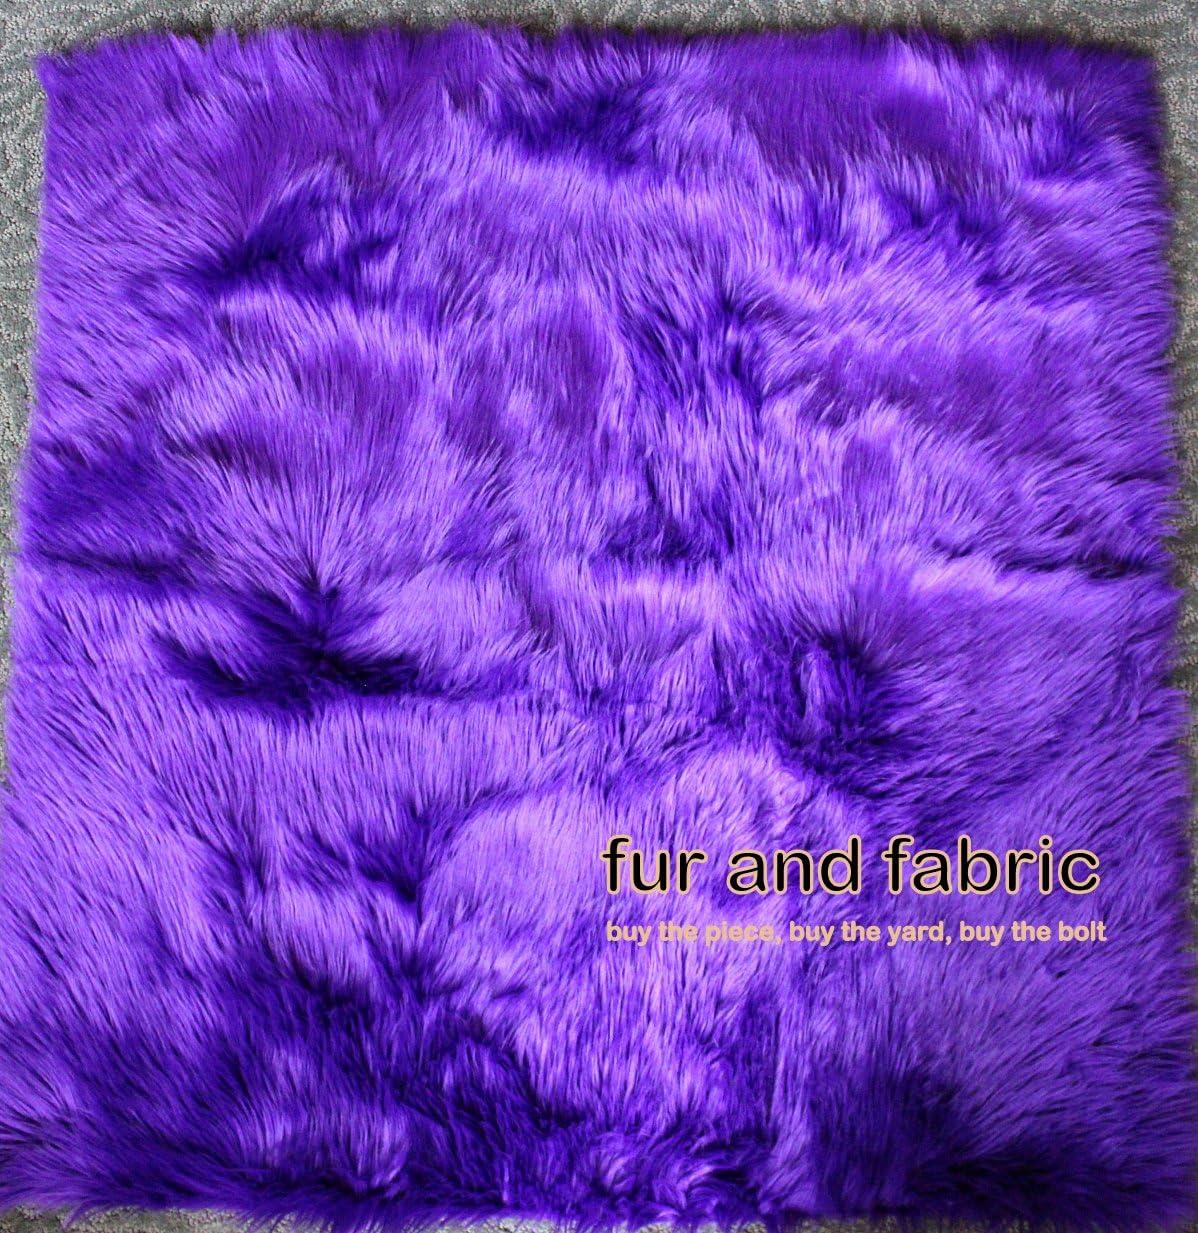 Fur Accents Shaggy Faux Fur Area Rug Purple Sheepskin Accent Carpet 5 X 8 Rectangle